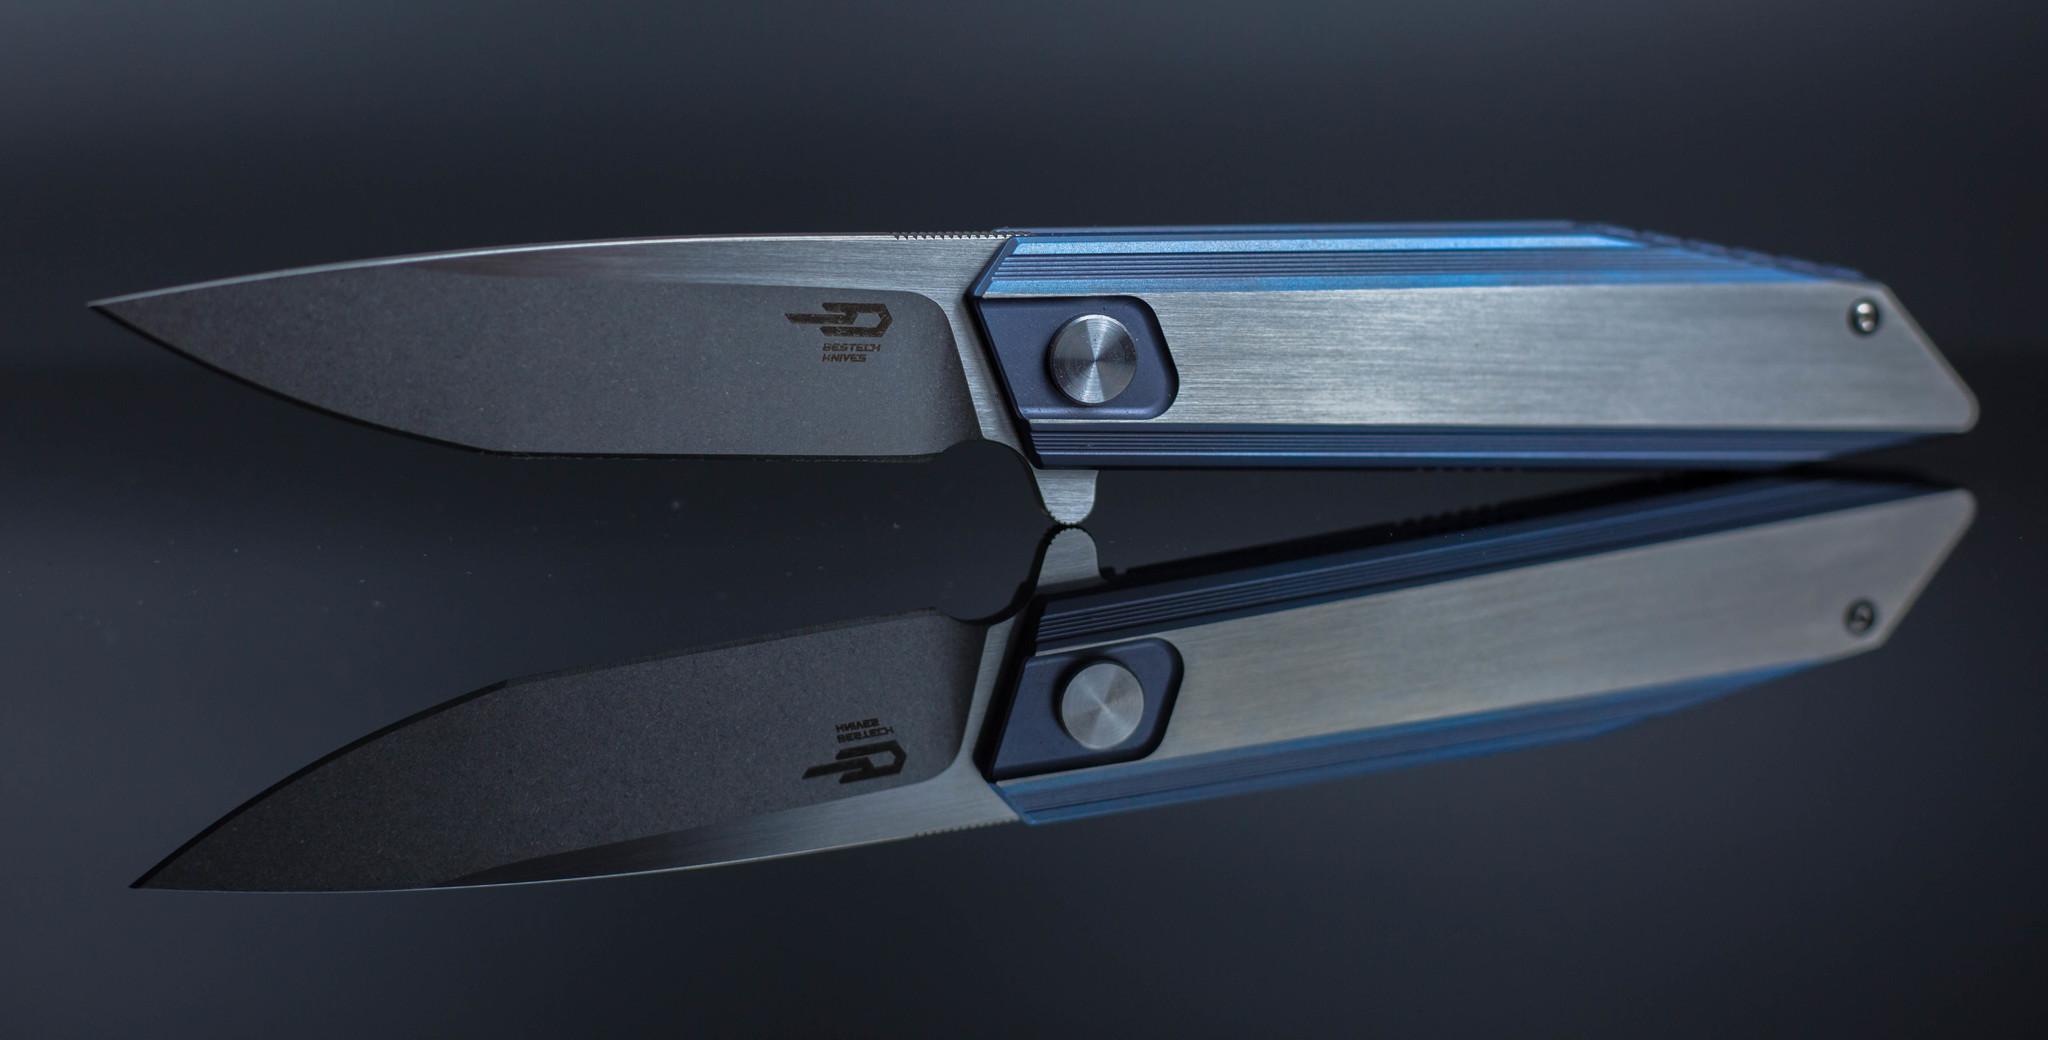 Складной нож Bestech Knives Shogun BT1701С, сталь CPM-S35VN, рукоять титанРаскладные ножи<br>СКЛАДНОЙ НОЖ BESTECH KNIVES BT1701С это сочетание универсальных рабочих характеристик, минимального веса и инновационных материалов. Сегодня никого не удивишь уникальным или необычным дизайном. Даже авторство известного найфмейкера не всегда является подтверждением высокого качества ножа. Над дизайном этой модели трудился коллектив известных мастеров и только после тщательной проработки деталей, нож был запущен в серию. Дизайн дополнительно запатентован. Клинок из порошковой стали высокой твердости имеет на поверхности оксидную пленку, которая обеспечивает дополнительную защиту от коррозии и агрессивных сред. Такой нож станет отличным дополнением для вашего ежедневного делового костюма. Крепление на кармане осуществляется за счет тугой клипсы.<br>